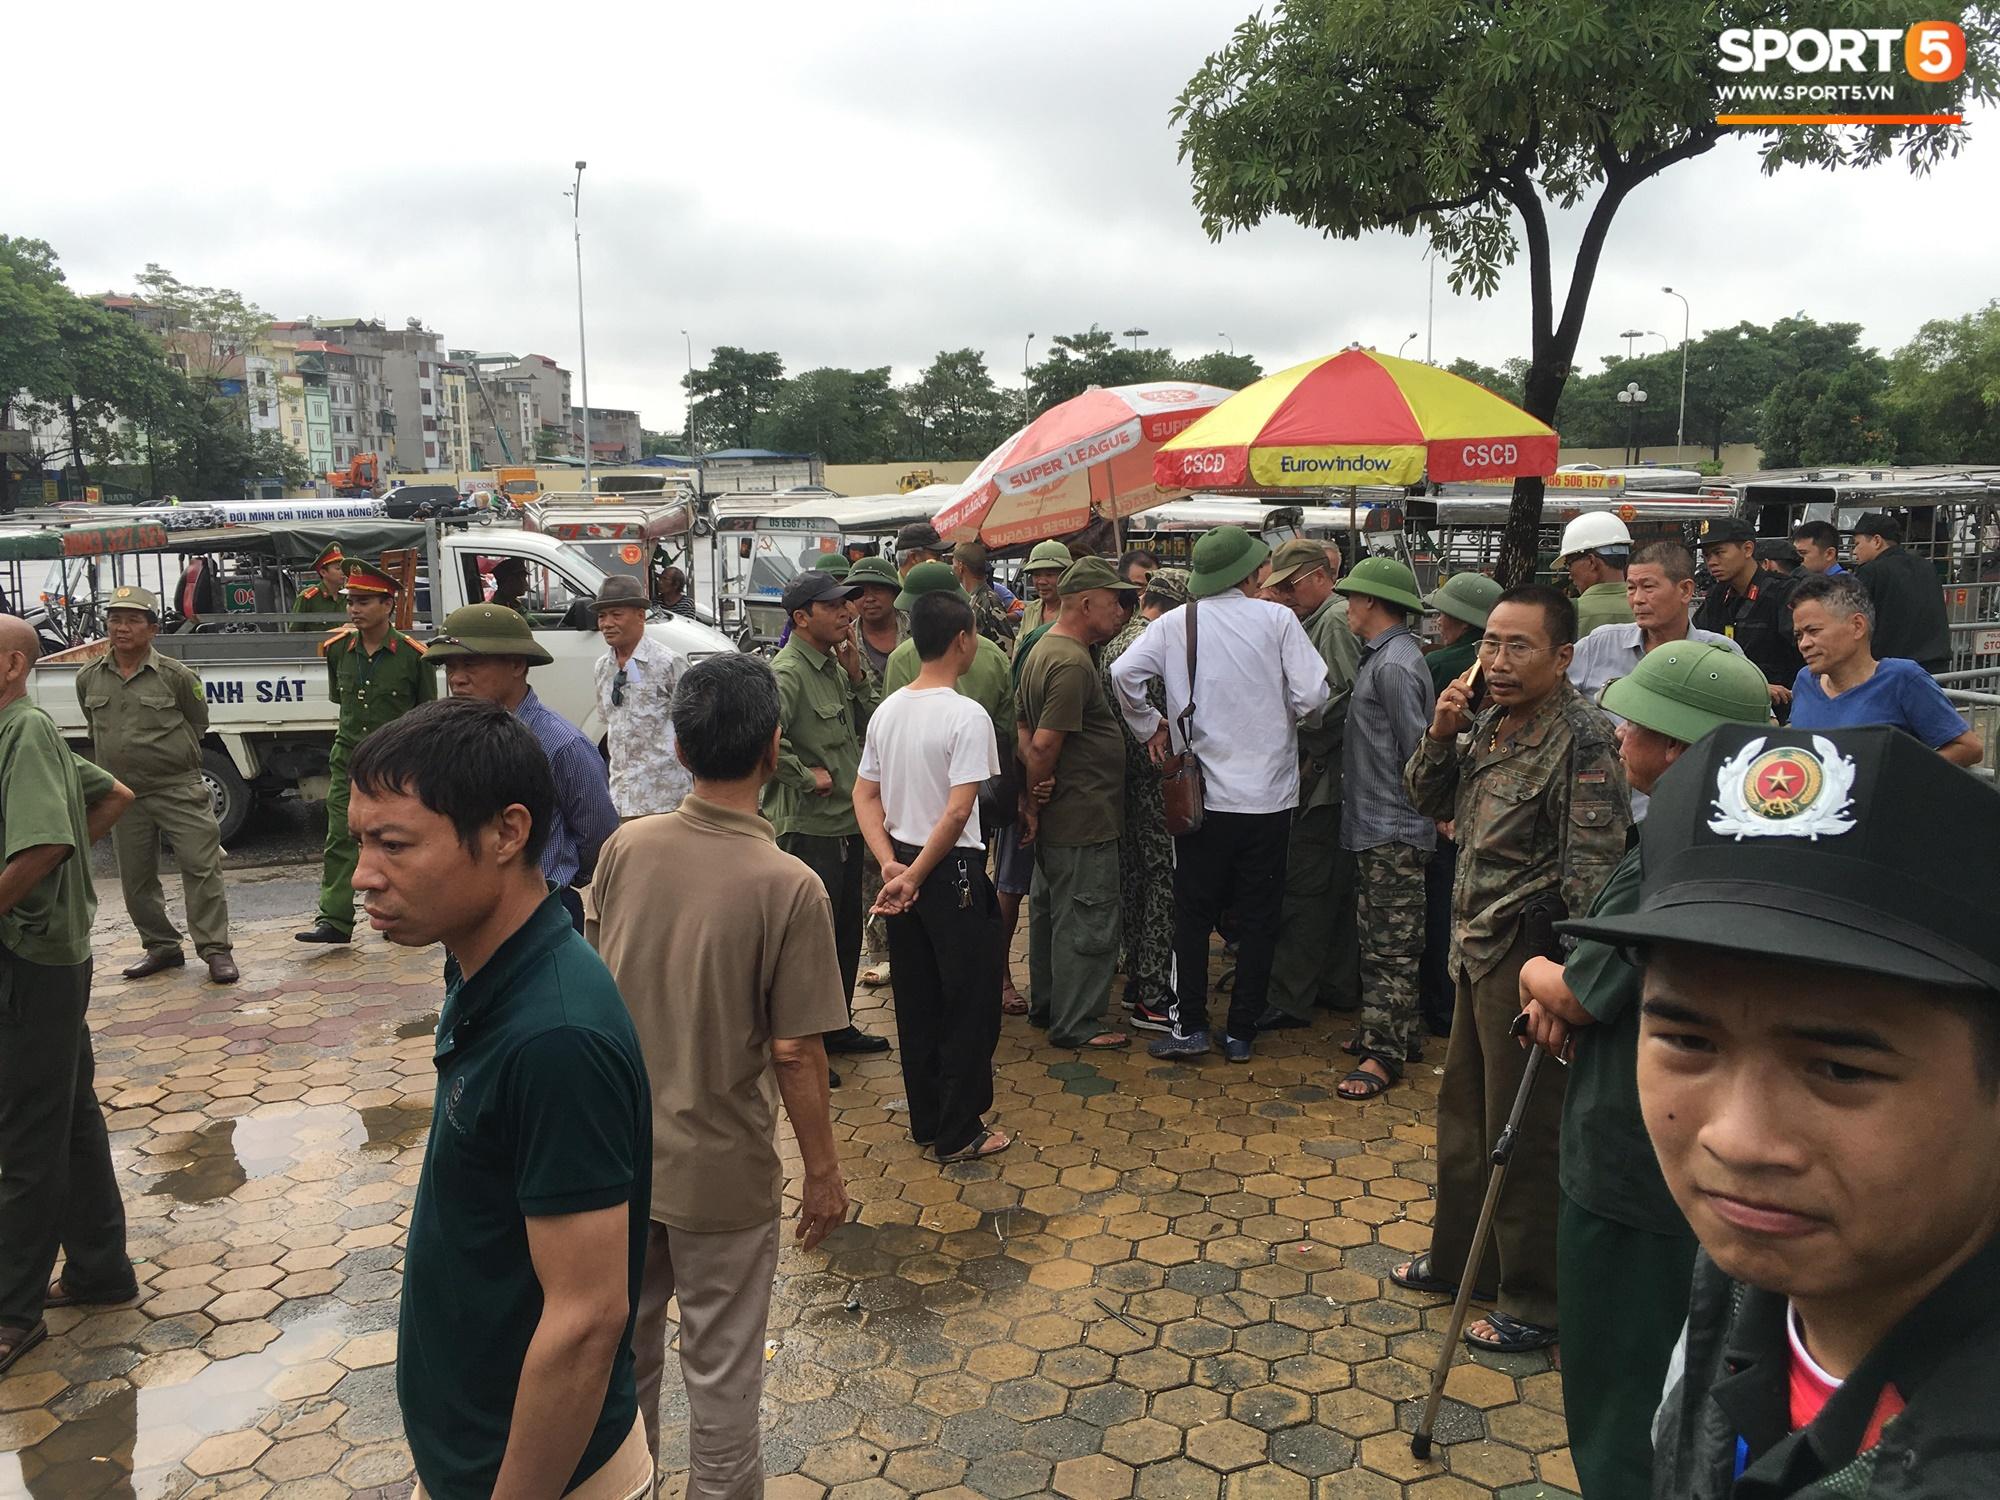 Nhiều người lạ mặt tự xưng thương binh chửi tục, làm loạn trụ sở VFF để đòi vé 2